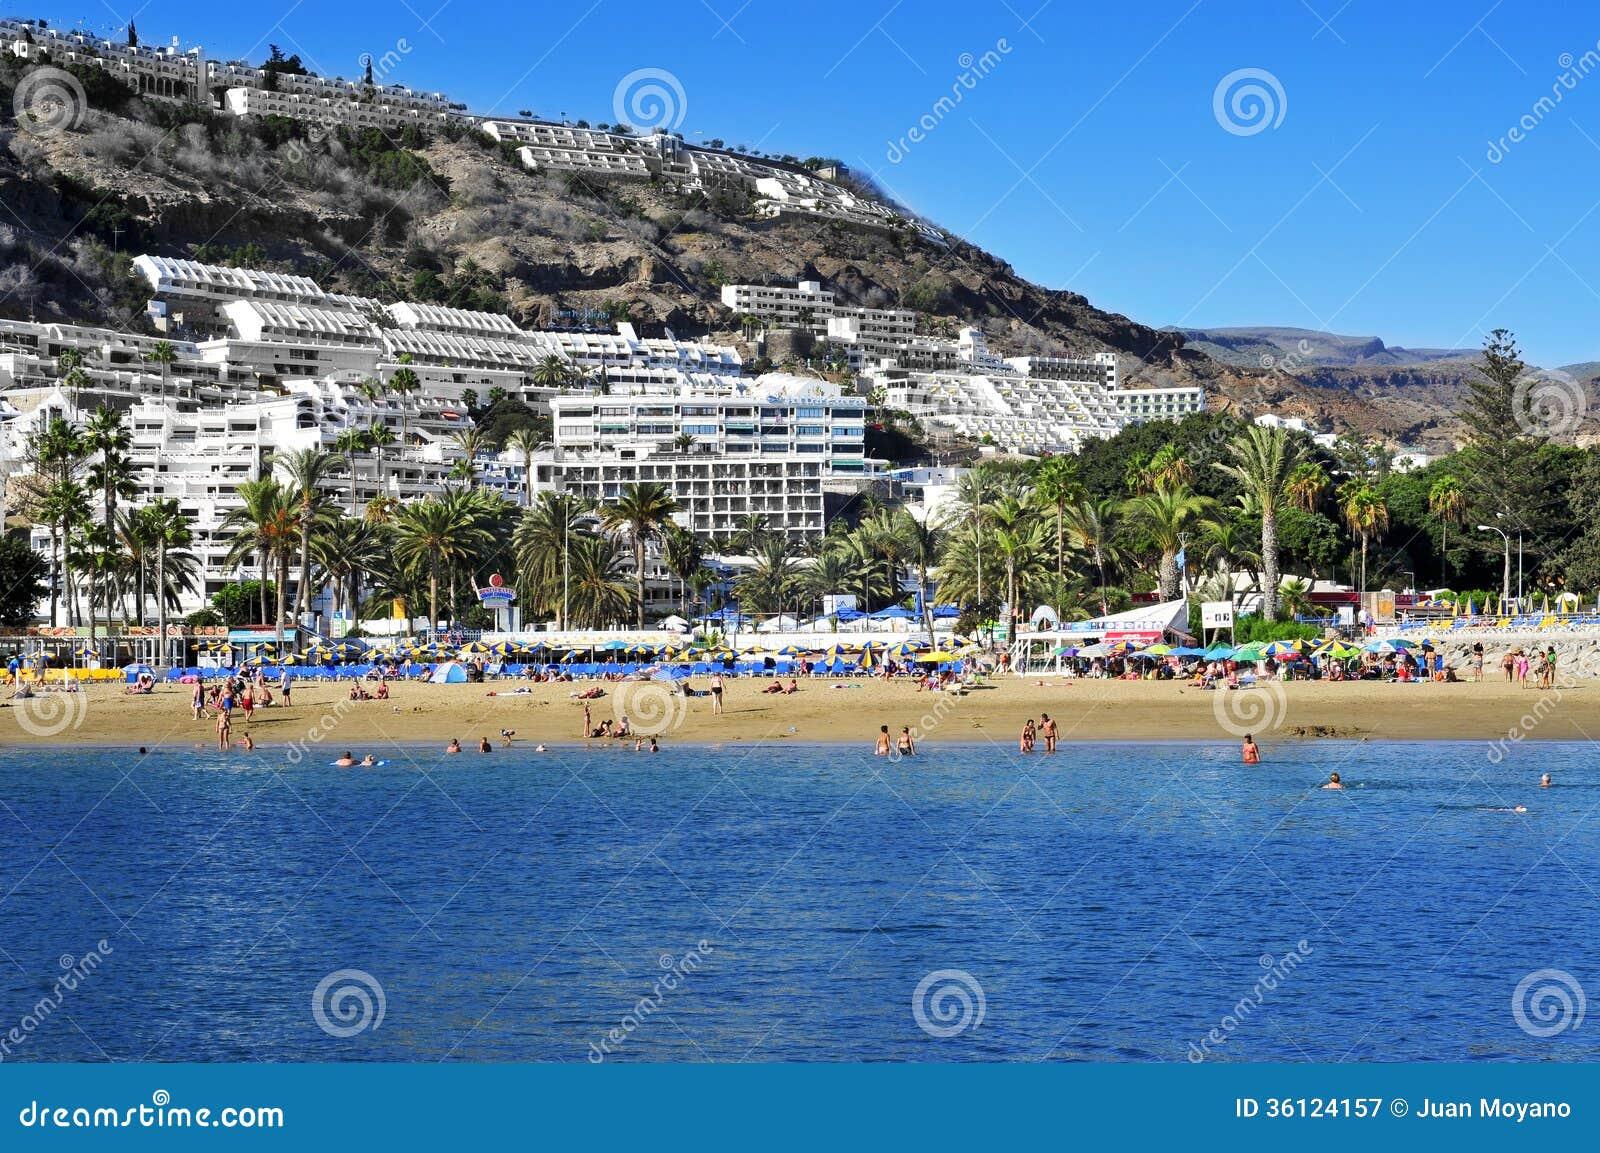 puerto rico spanien